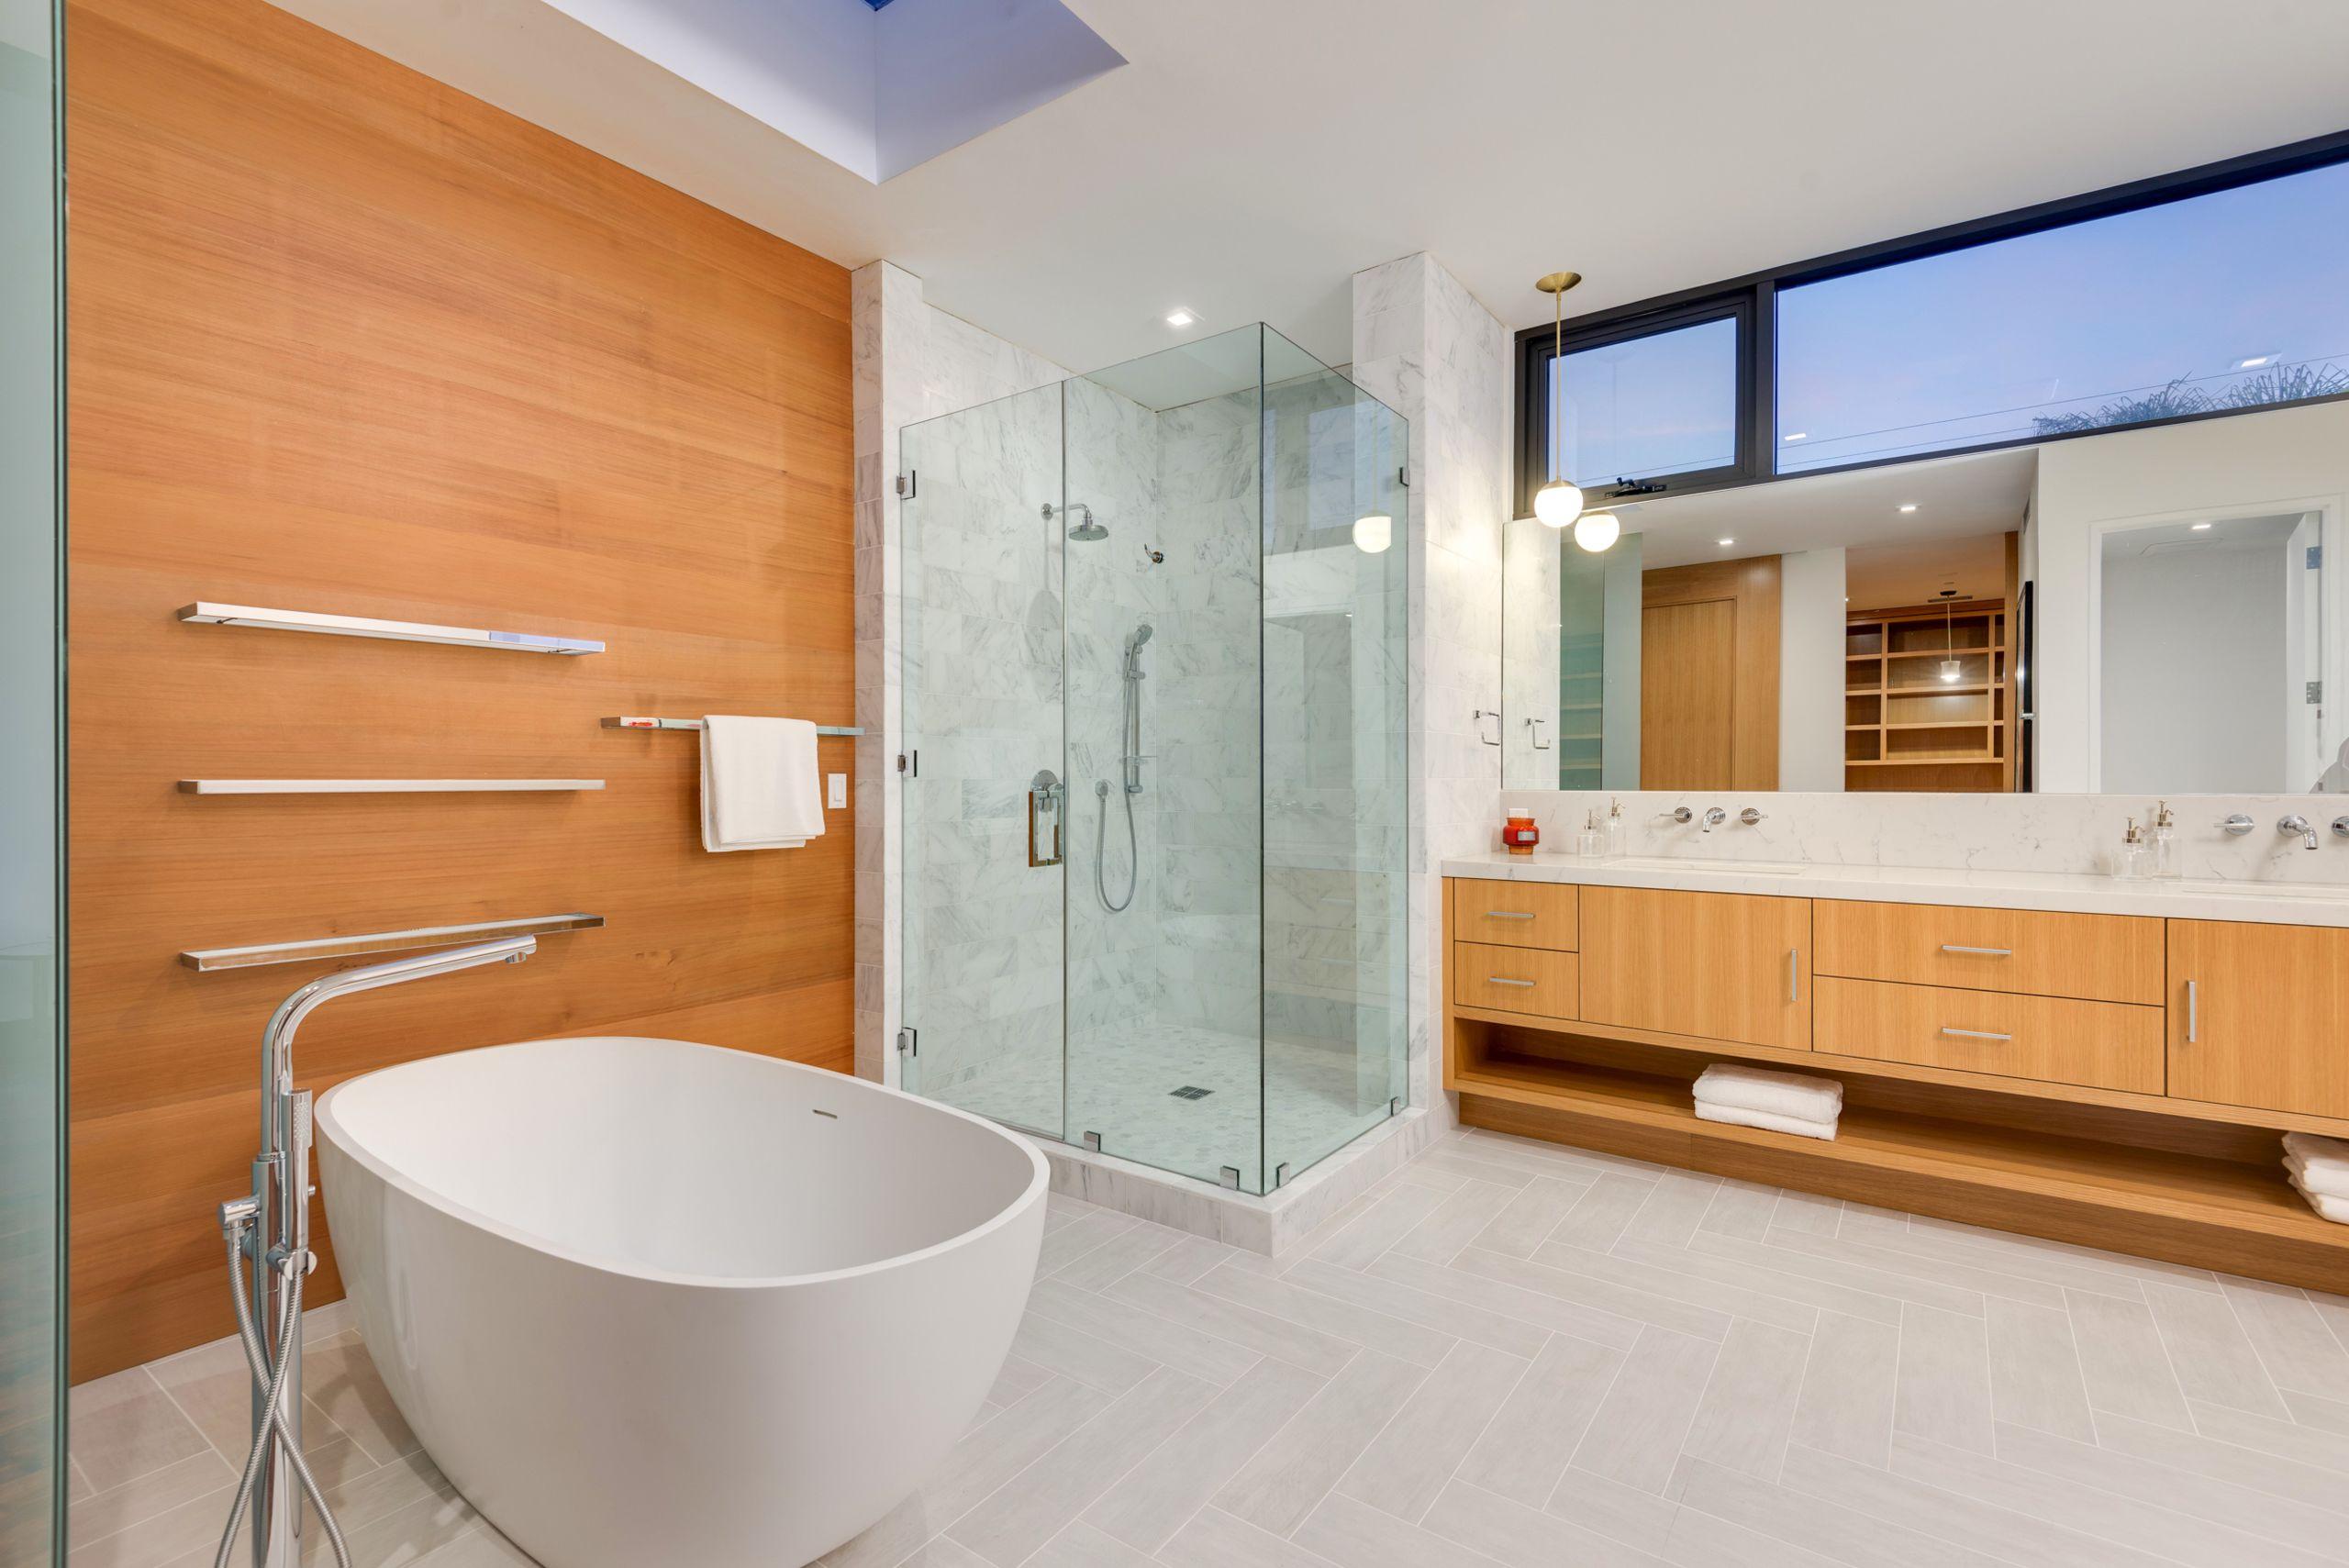 521 Vernon Ave., Venice Beach - Magnificent master bath